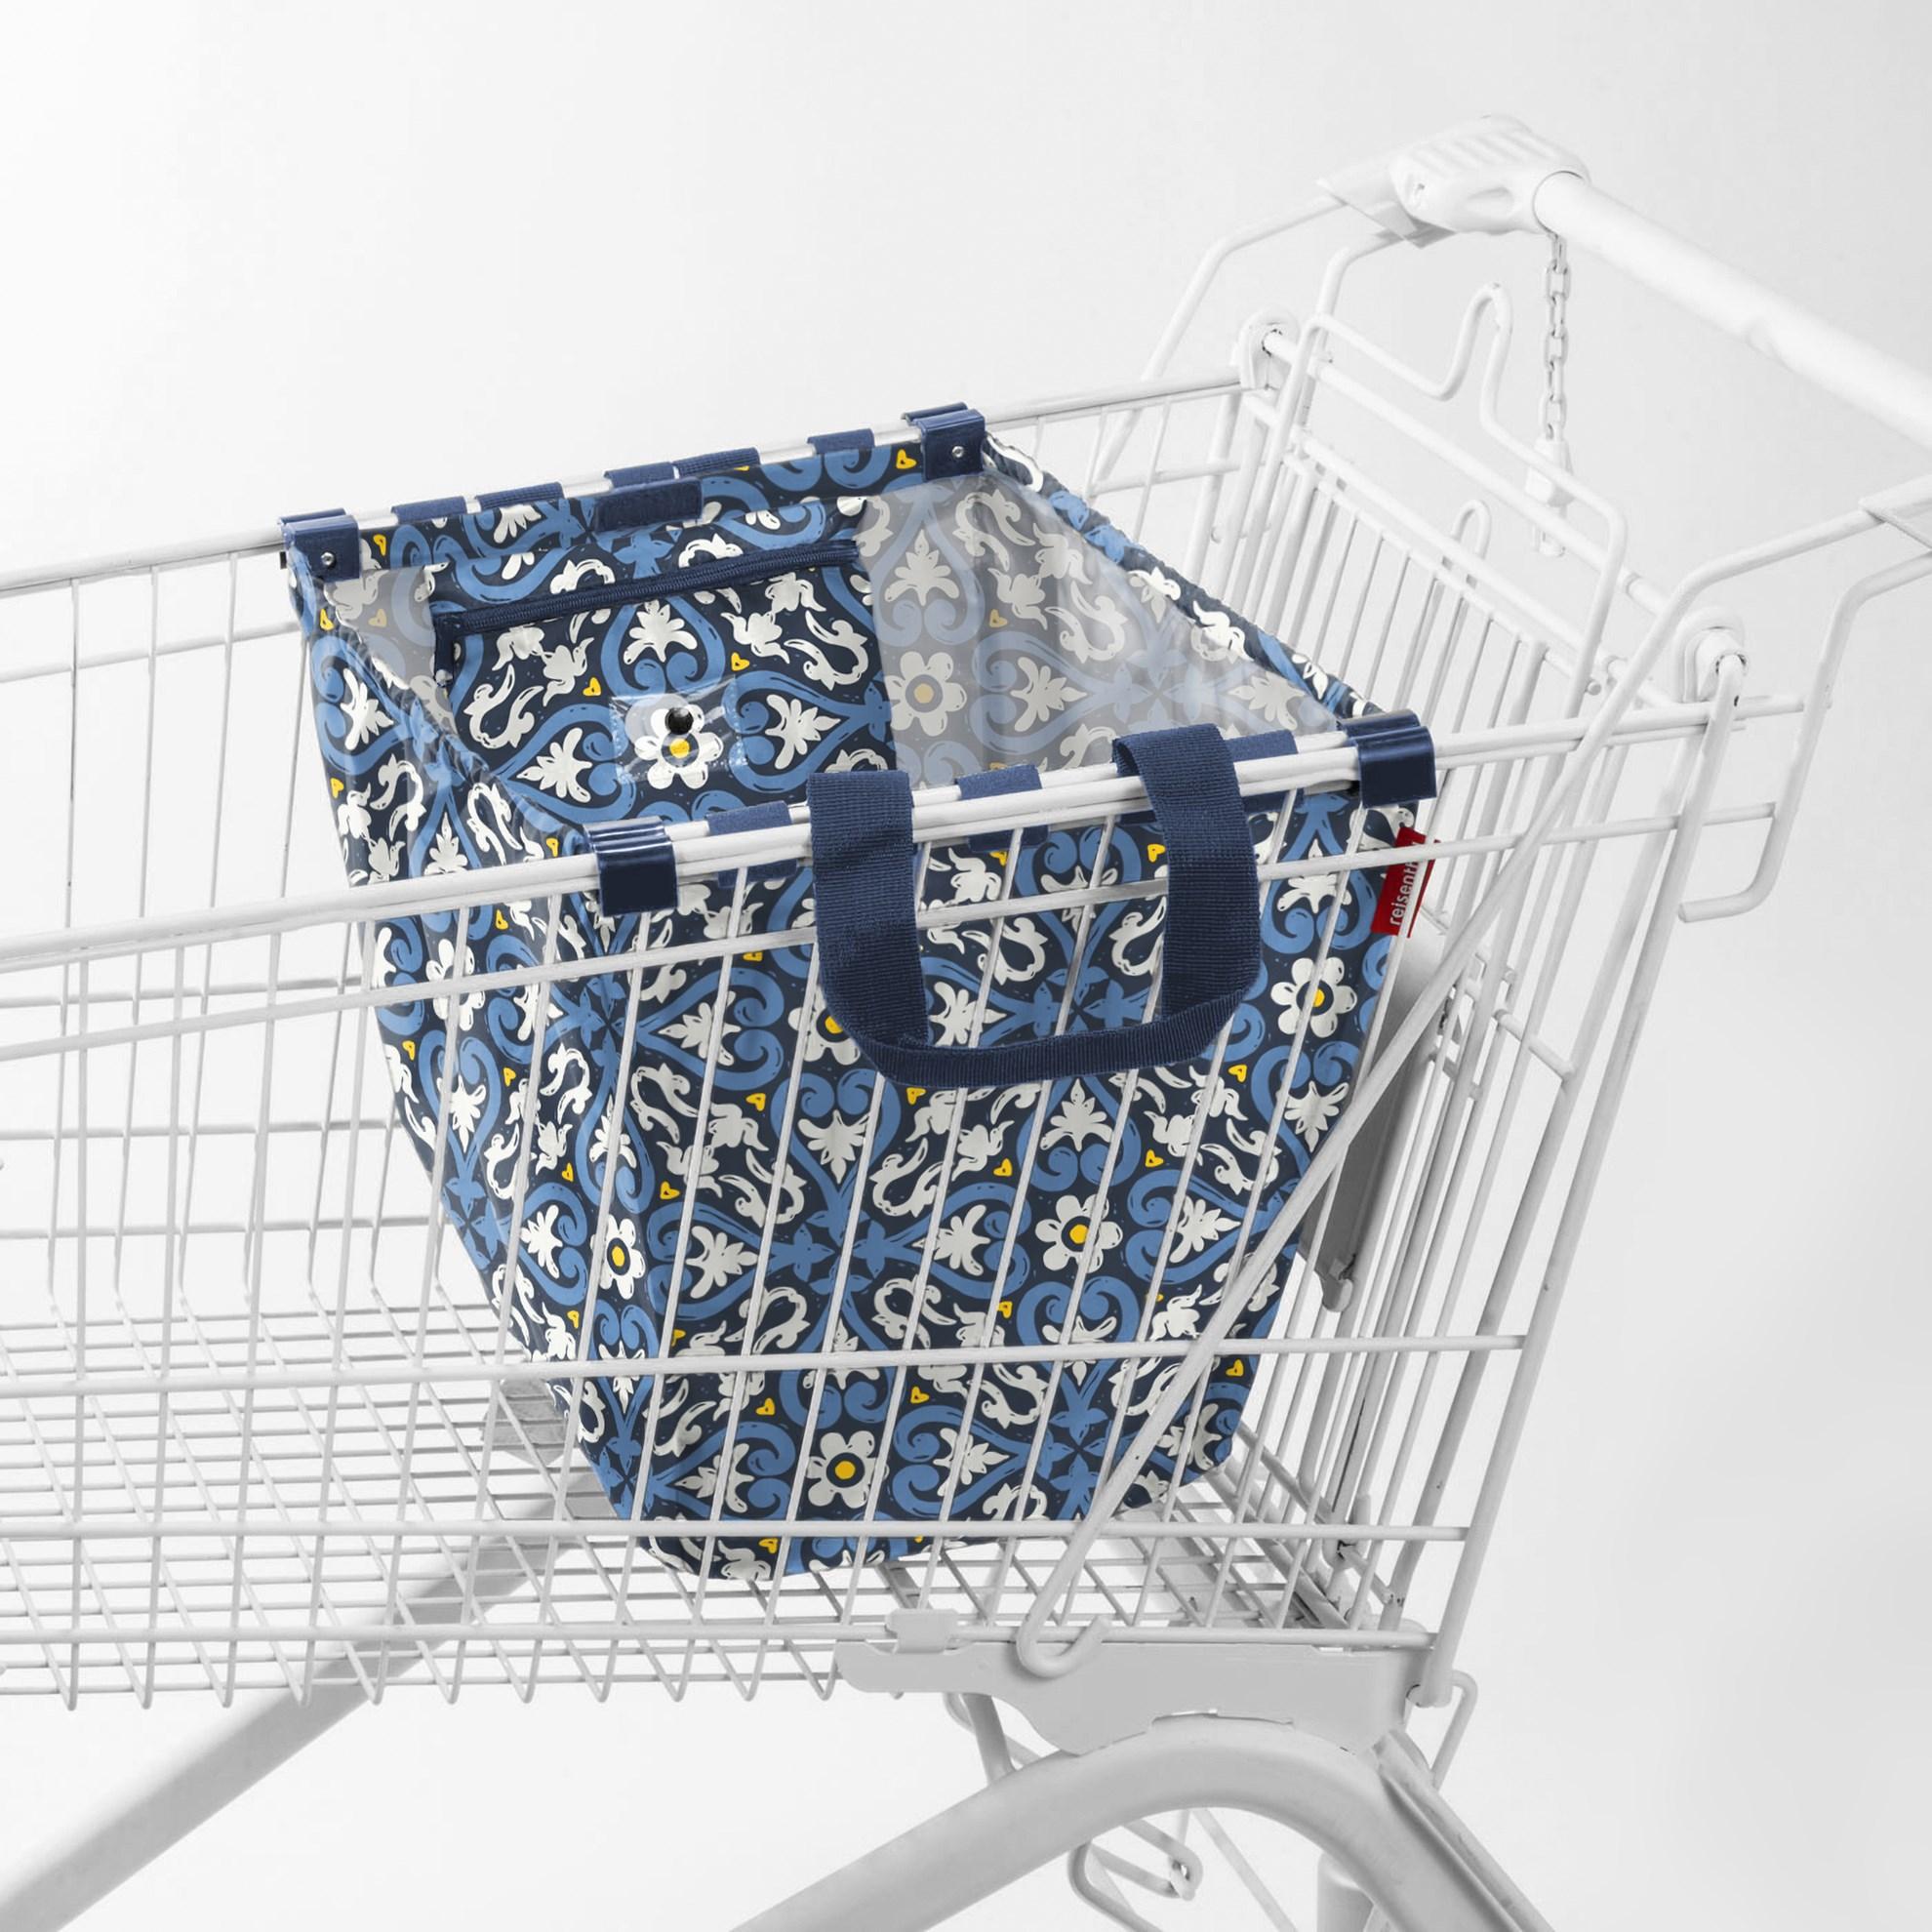 Nákupní taška do vozíku Easyshoppingbag floral 1_0